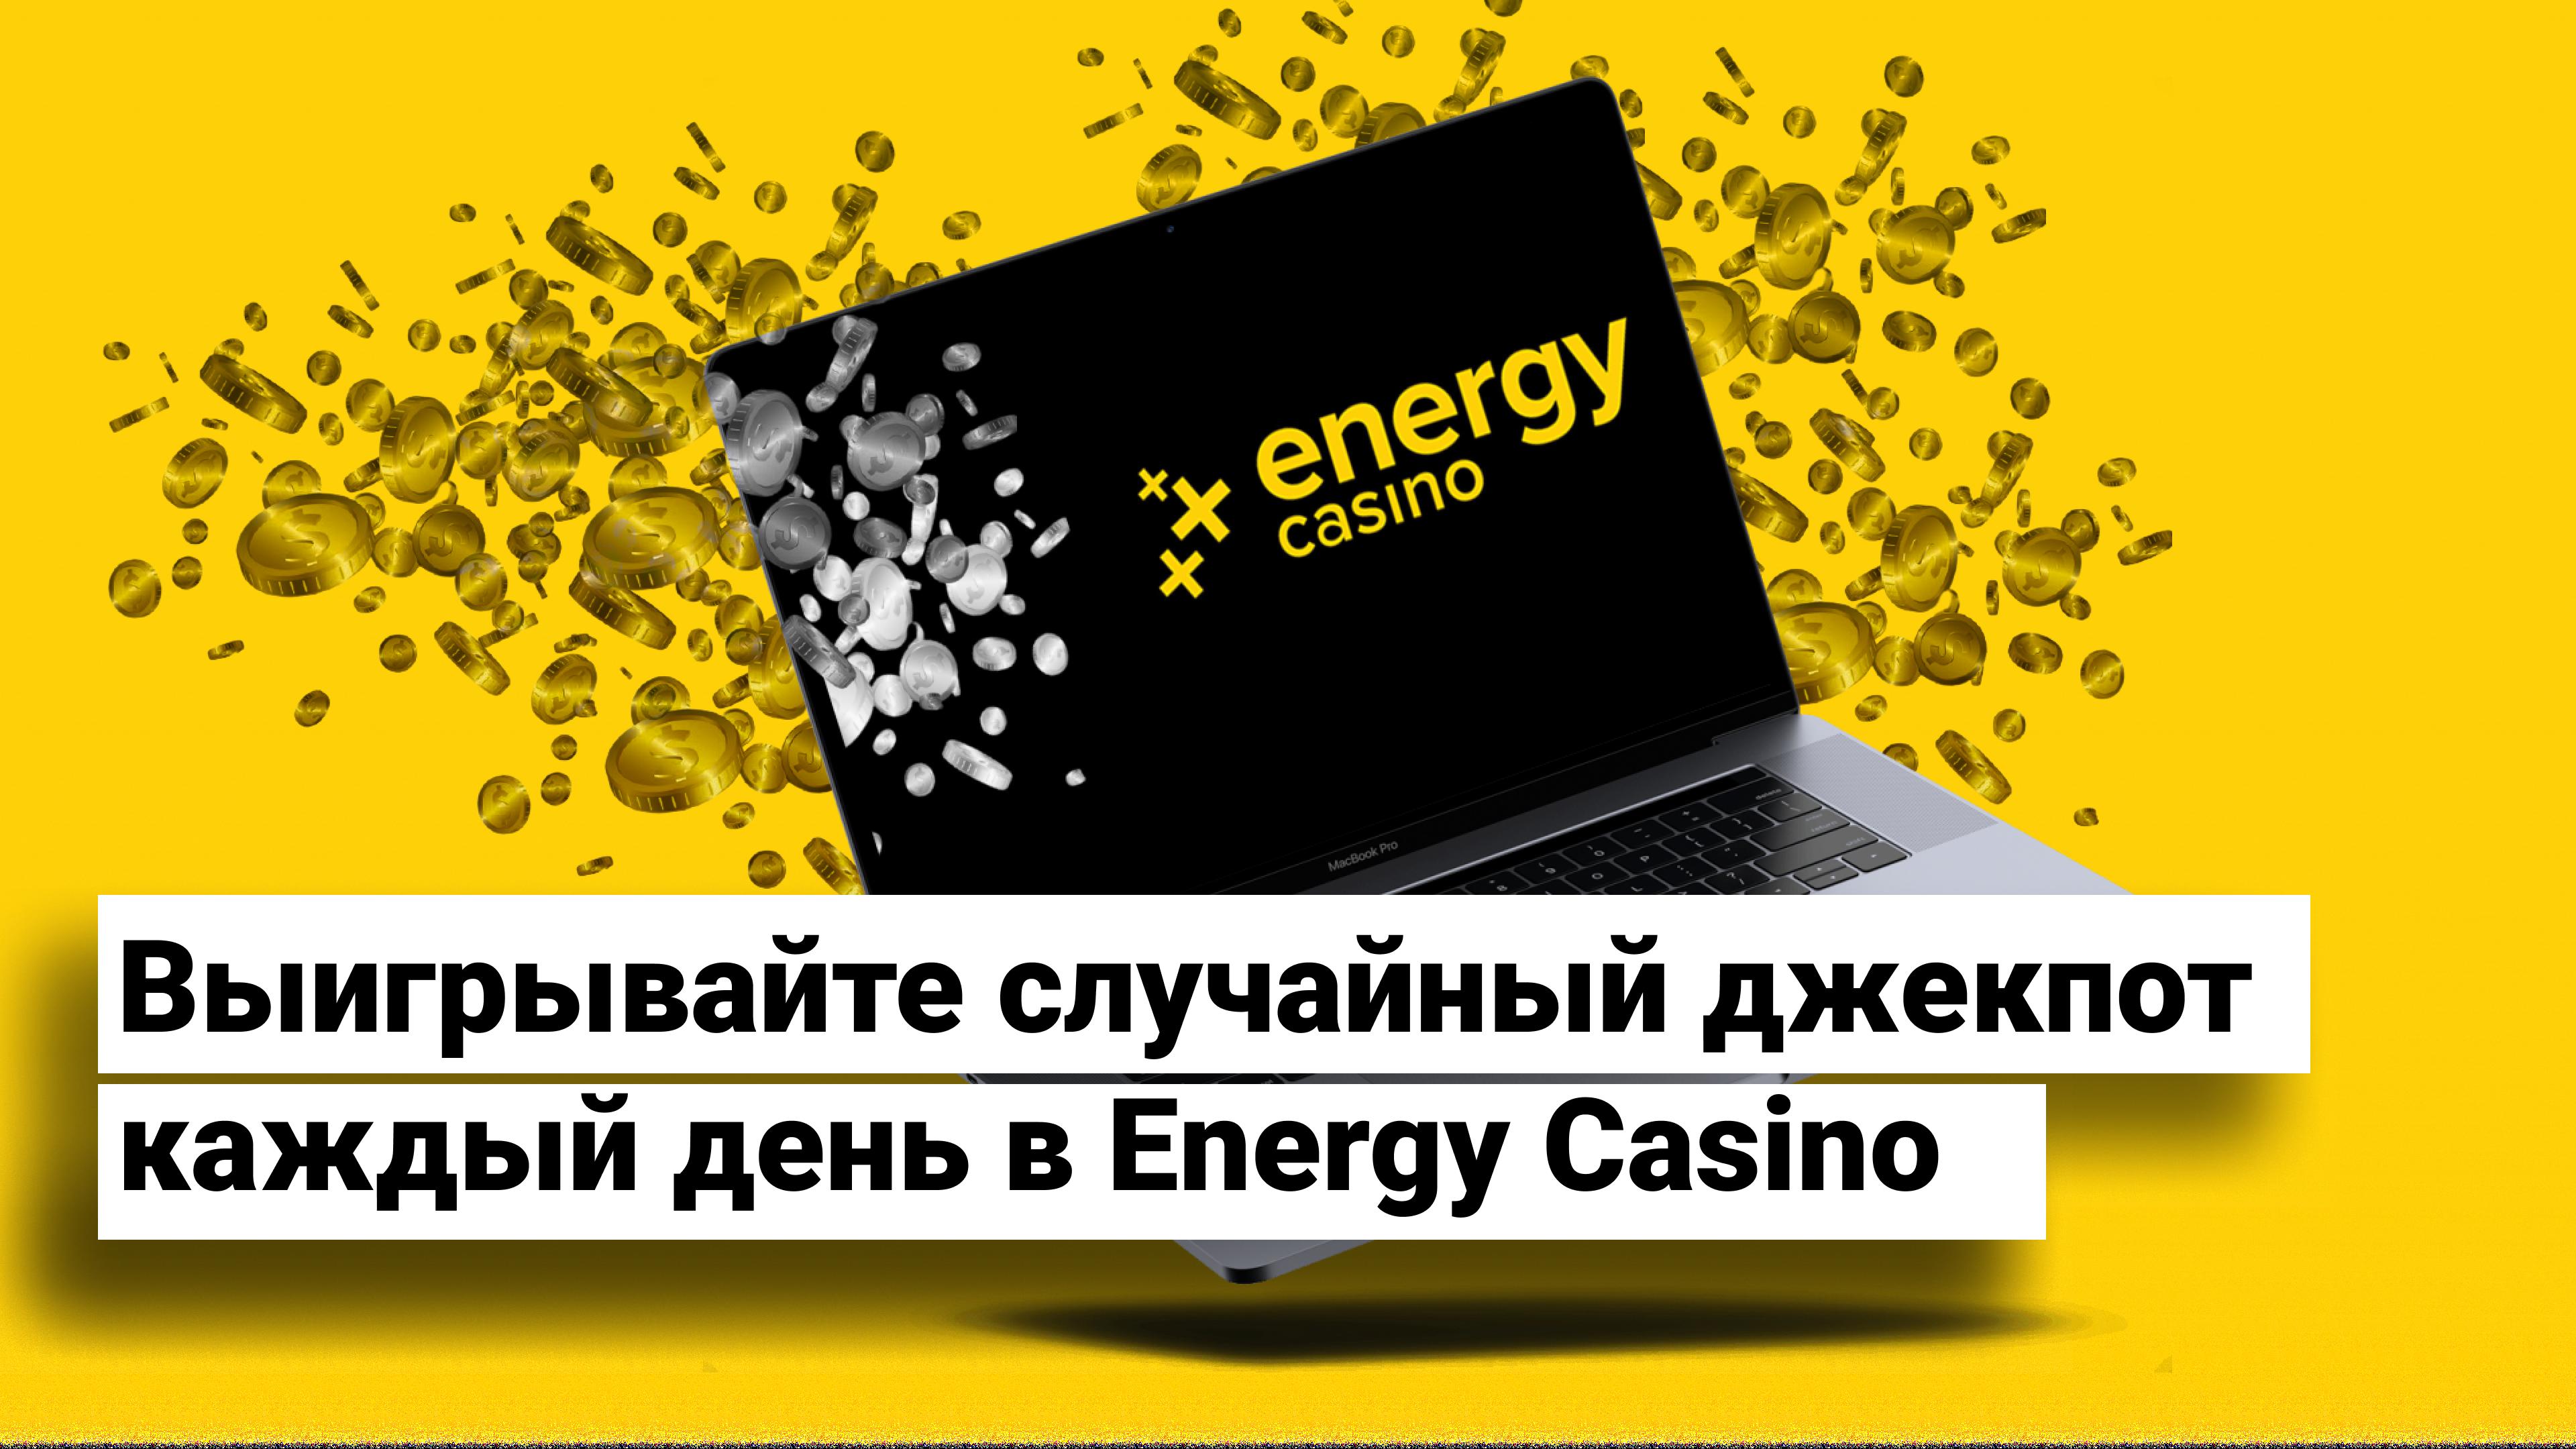 Ежедневные джекпоты в EnergyCasino